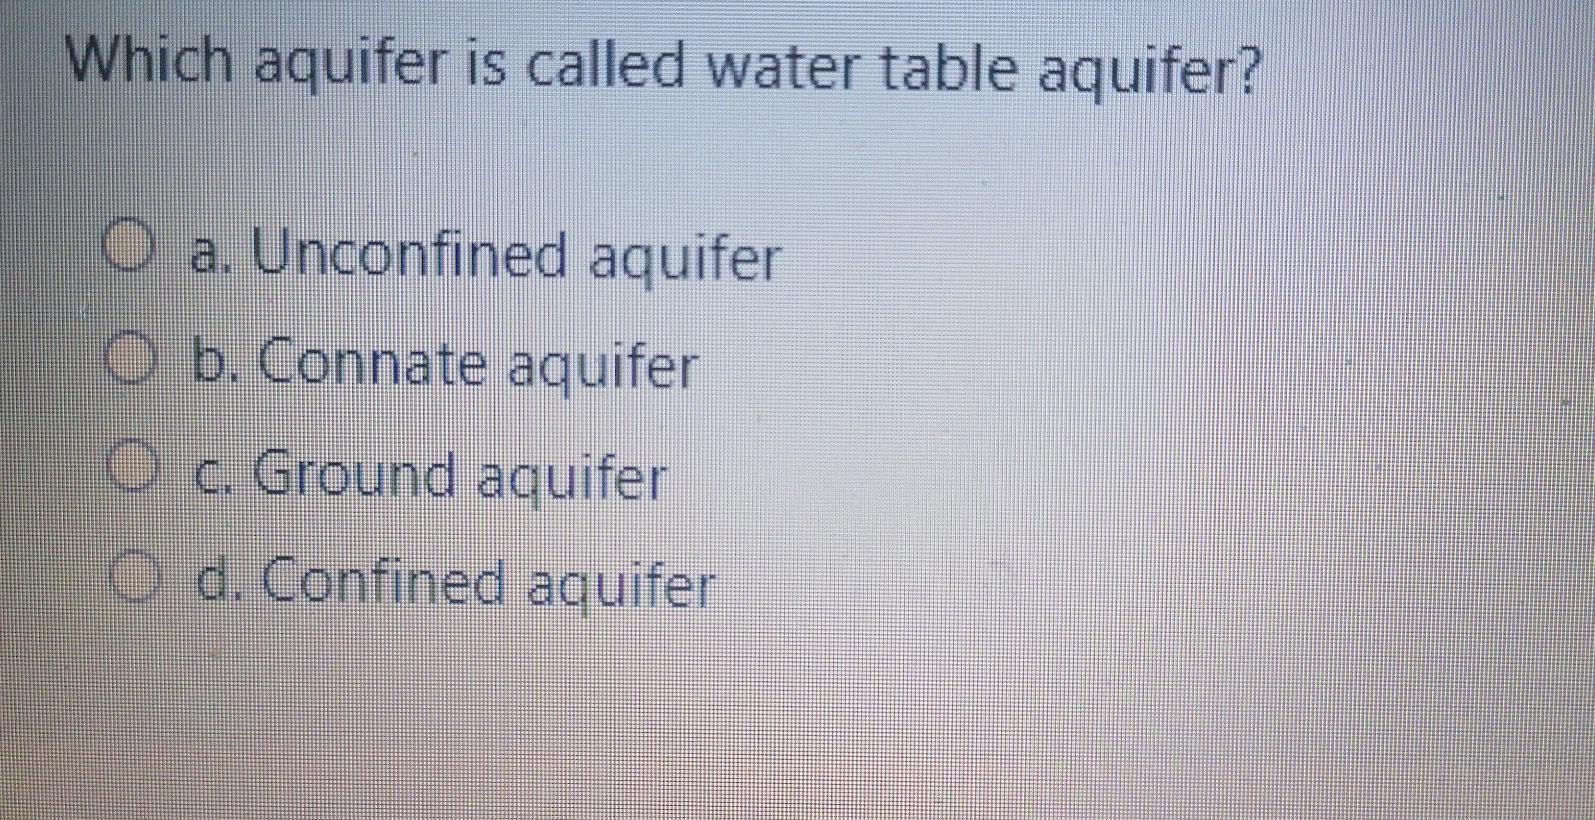 Which aquifer is called water table aquifer? O a. Unconfined aquifer O b. Connate aquifer O c. Ground aquifer O d. Confined a